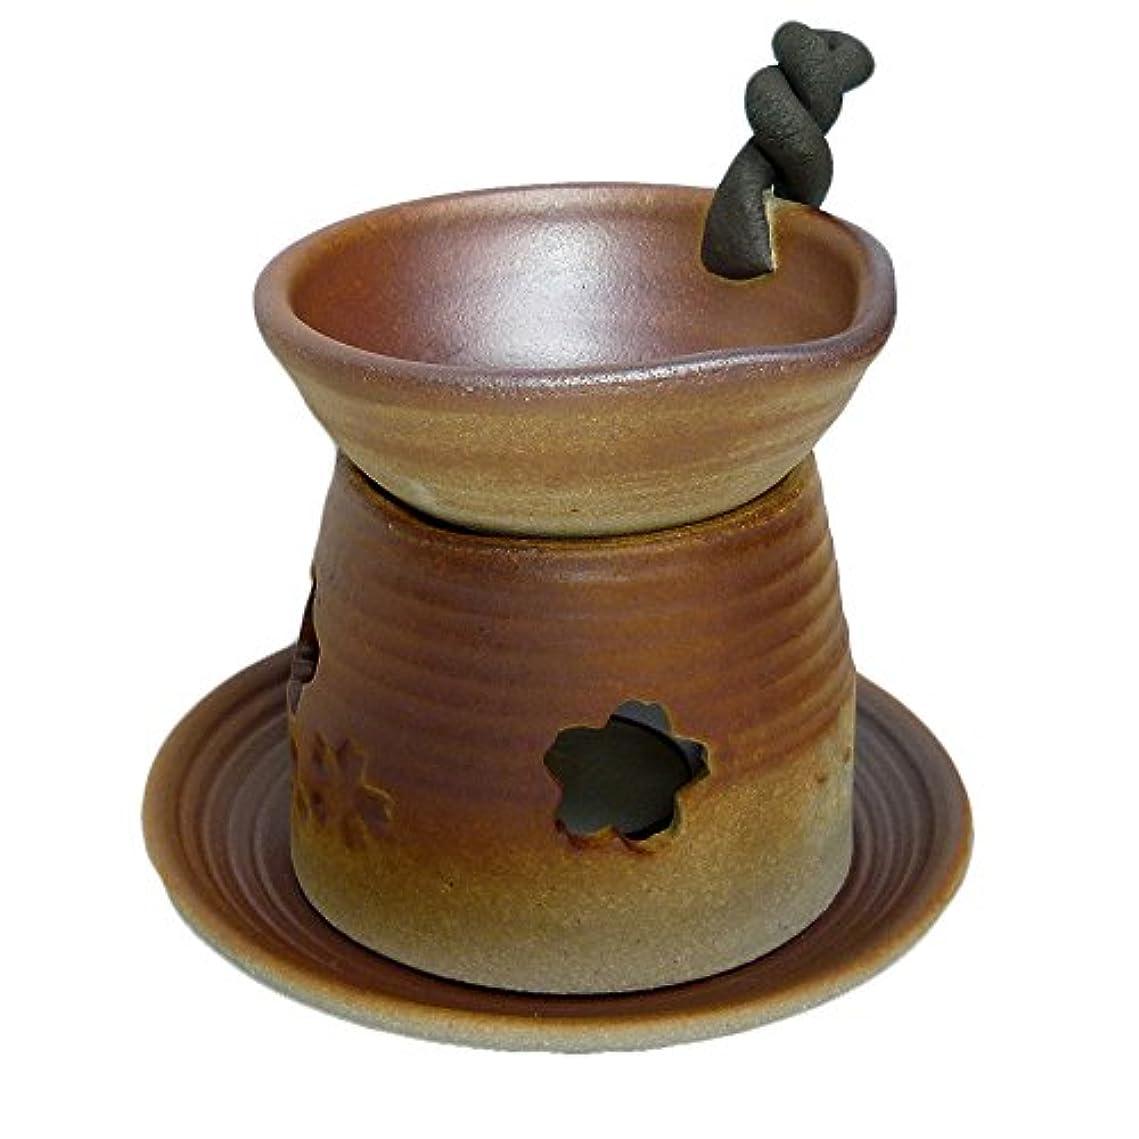 動物園細分化する任命香炉 錆吹き 手付茶香炉 [H13.5cm] HANDMADE プレゼント ギフト 和食器 かわいい インテリア